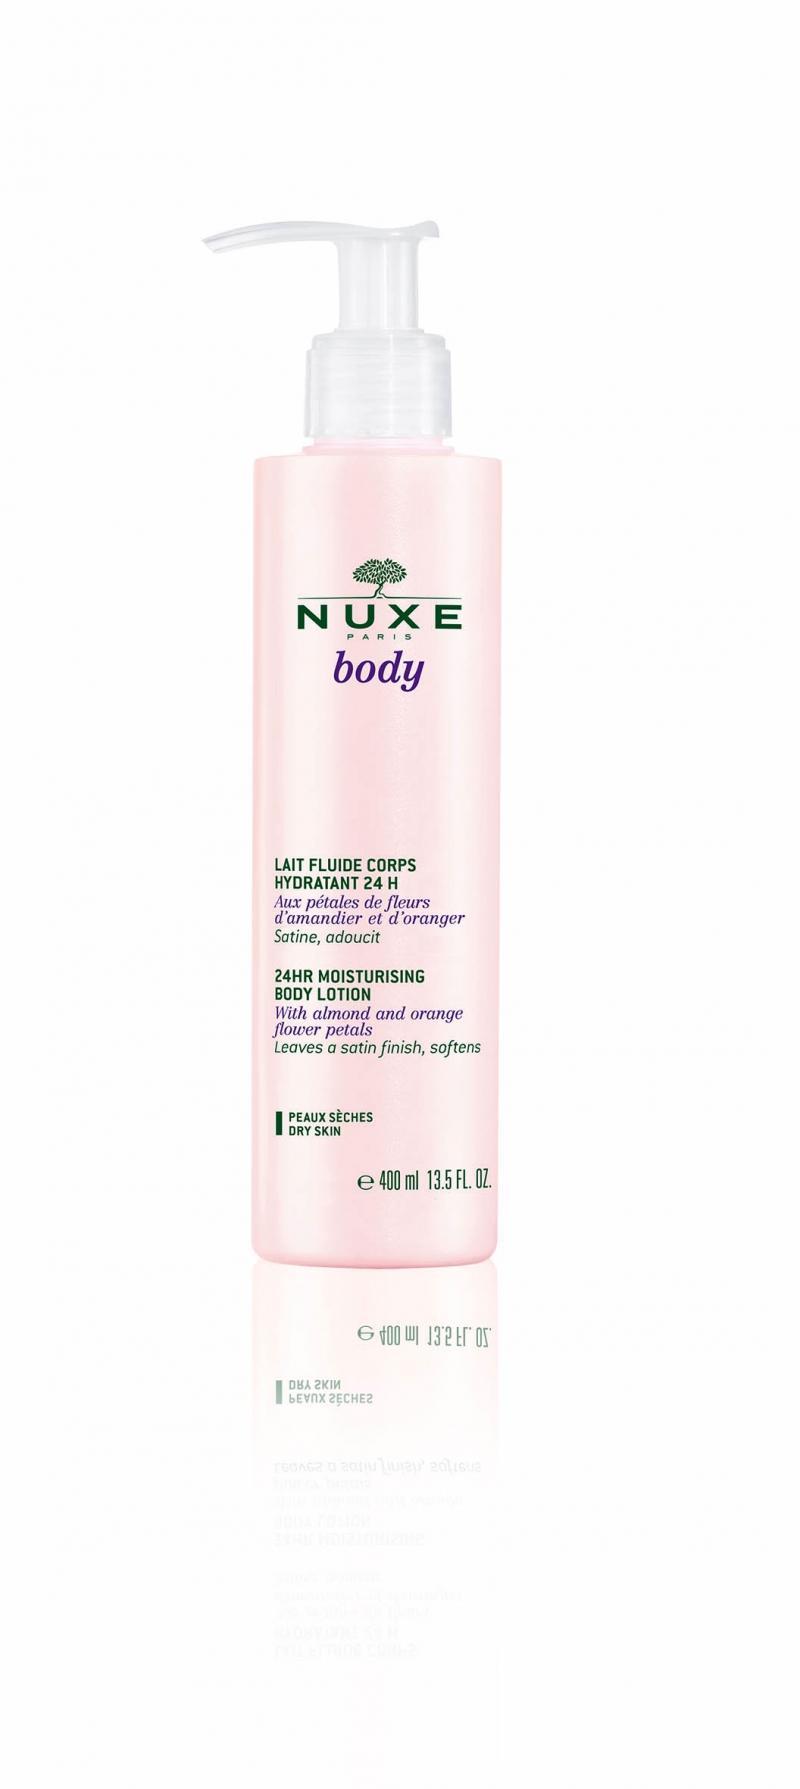 Нежное молочко для тела, увлажнение 24 часа, 400 мл (Nuxe, Nuxe body) nuxe prodigieux body lotion молочко для тела 200мл